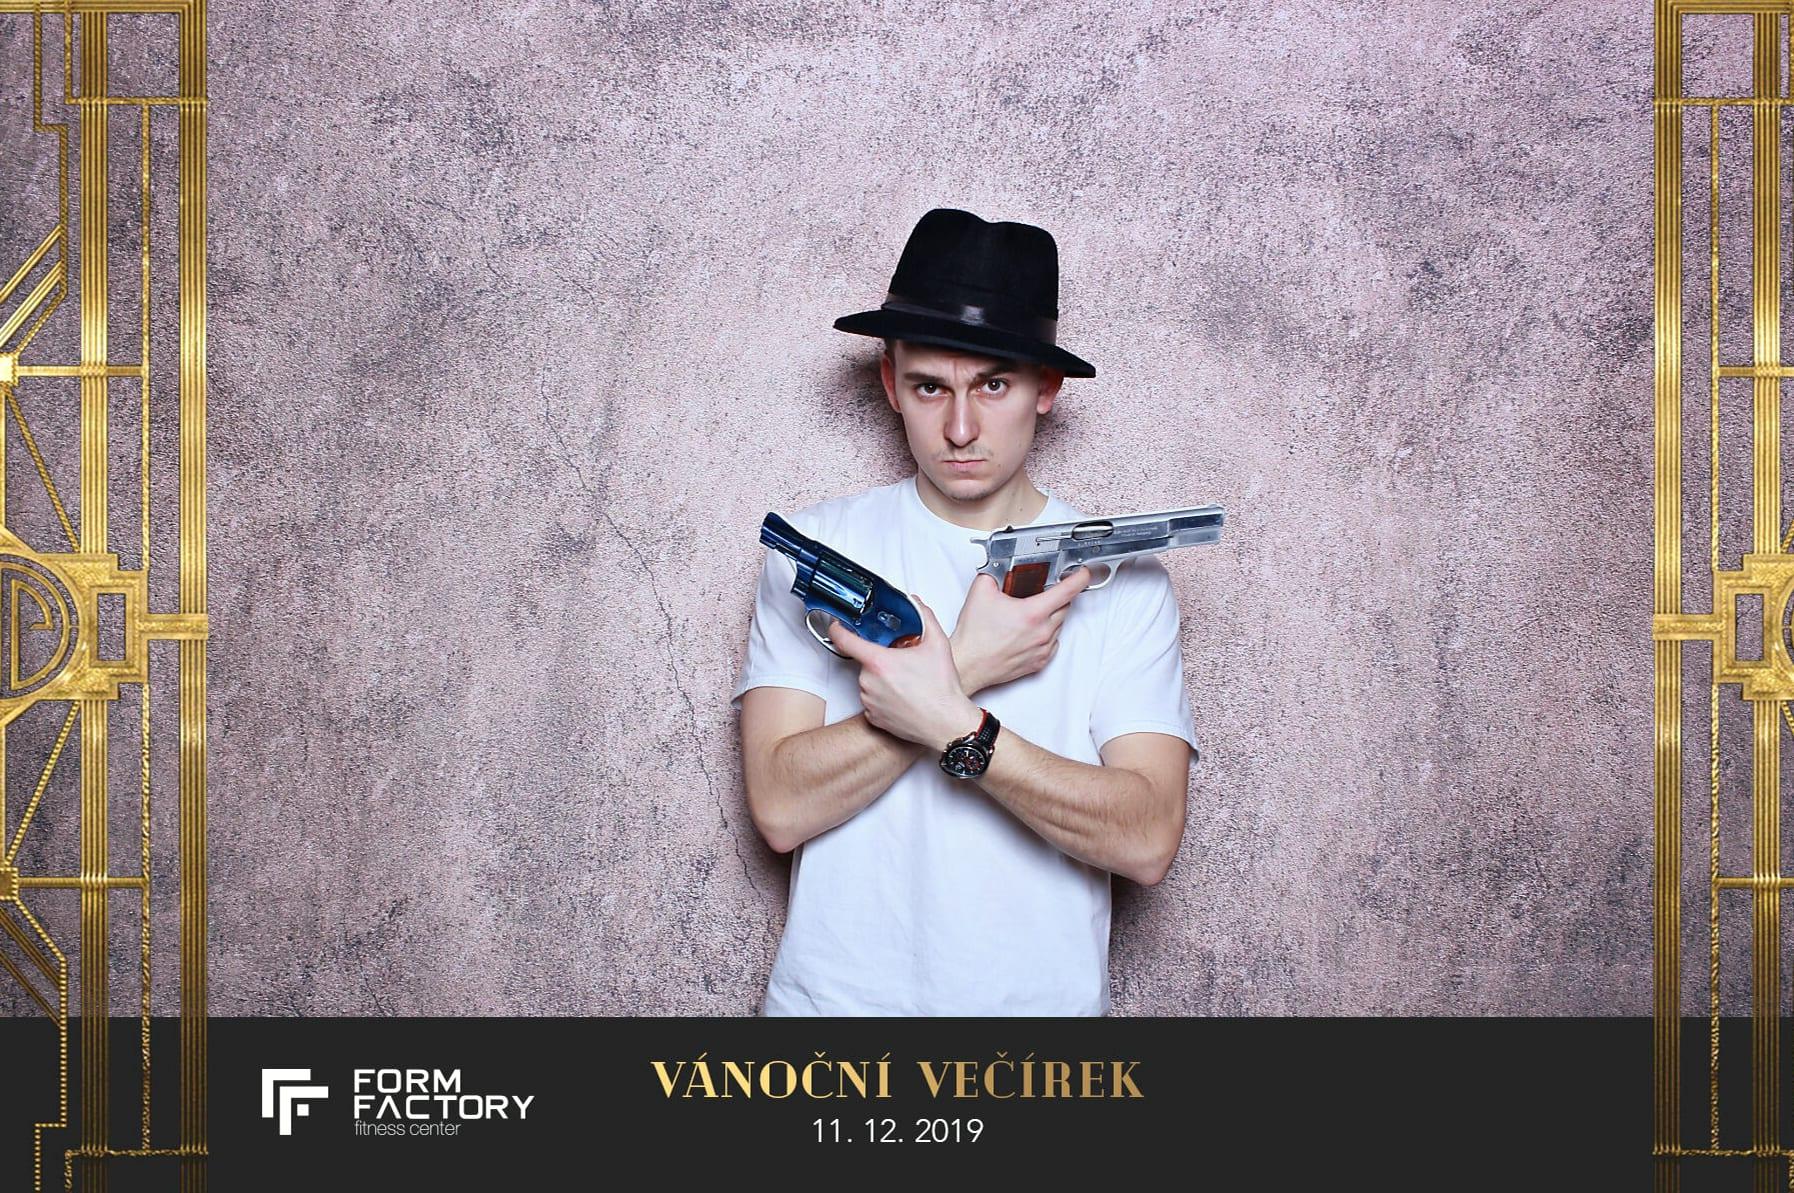 fotokoutek-firemni-vecirek-praha-vanocni-vecirek-form-factory-vanocni-vecirek-11-12-2019-685422